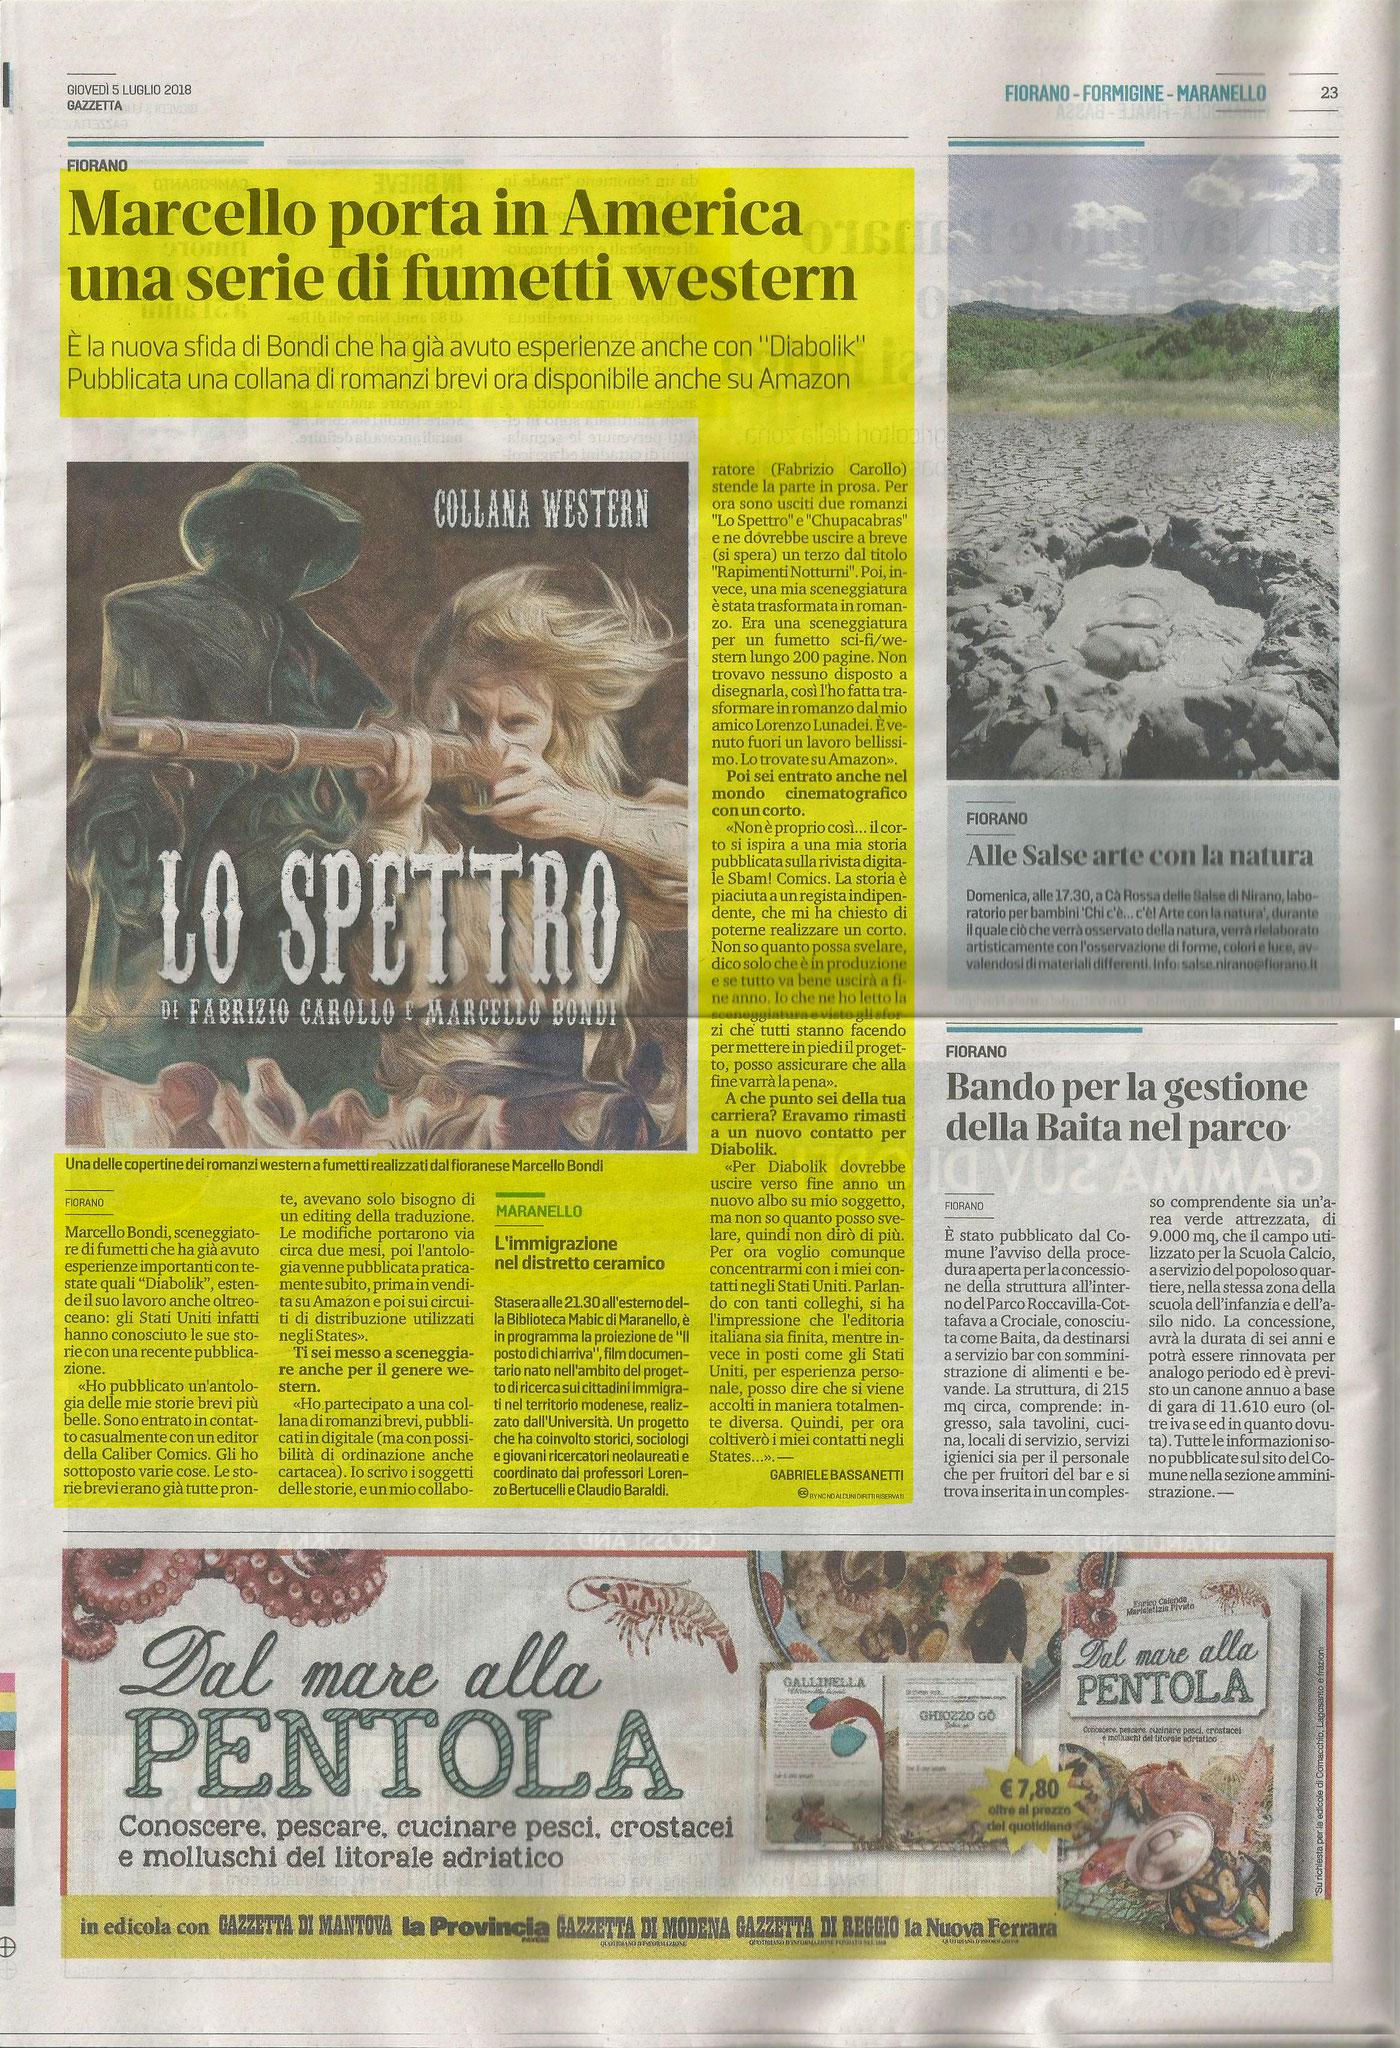 5 Luglio 2018 - Gazzetta Di Modena